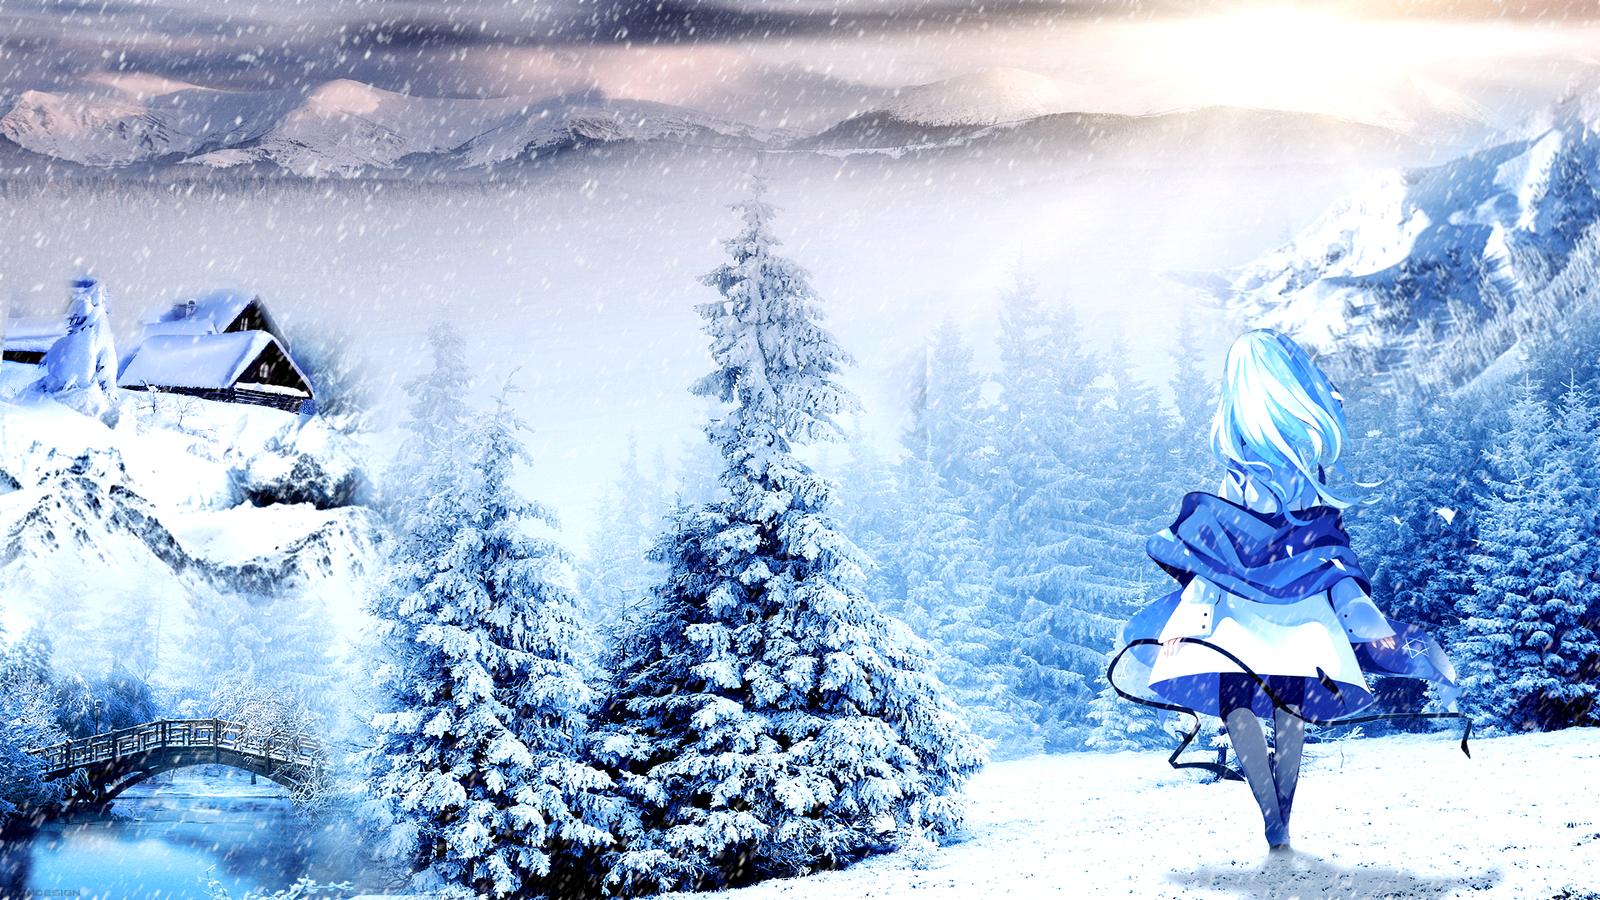 Winter anime wallpaper by atndesign on deviantart - Winter anime girl wallpaper ...